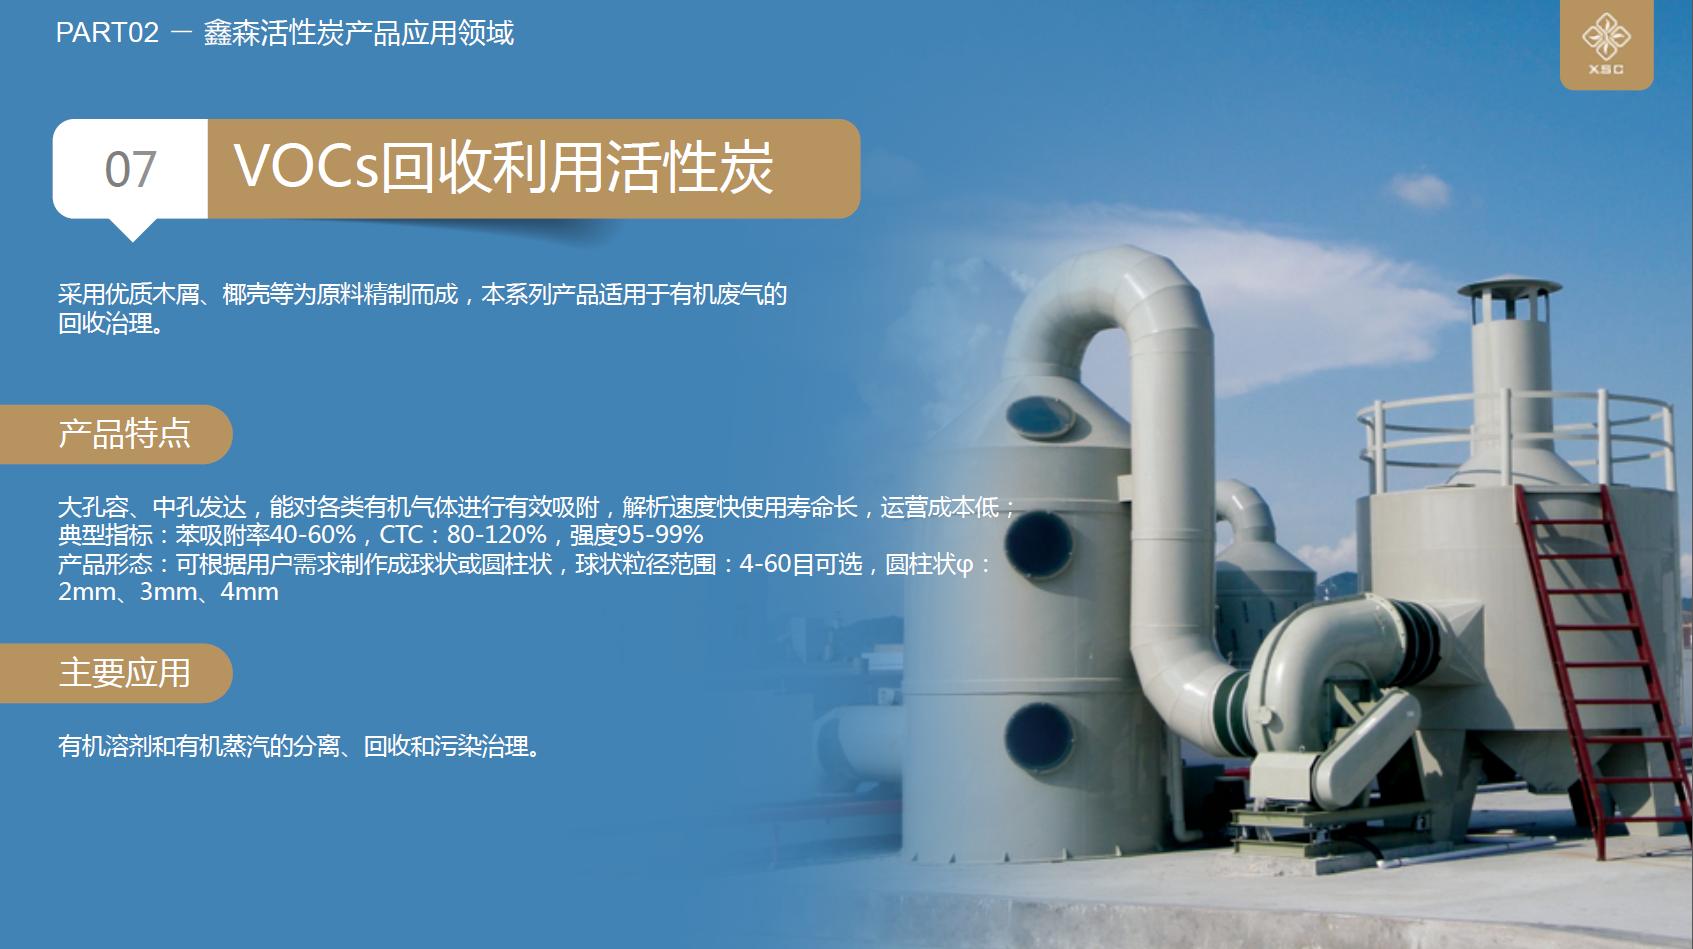 VOCs治理溶剂回收空气净化木质柱状活性炭